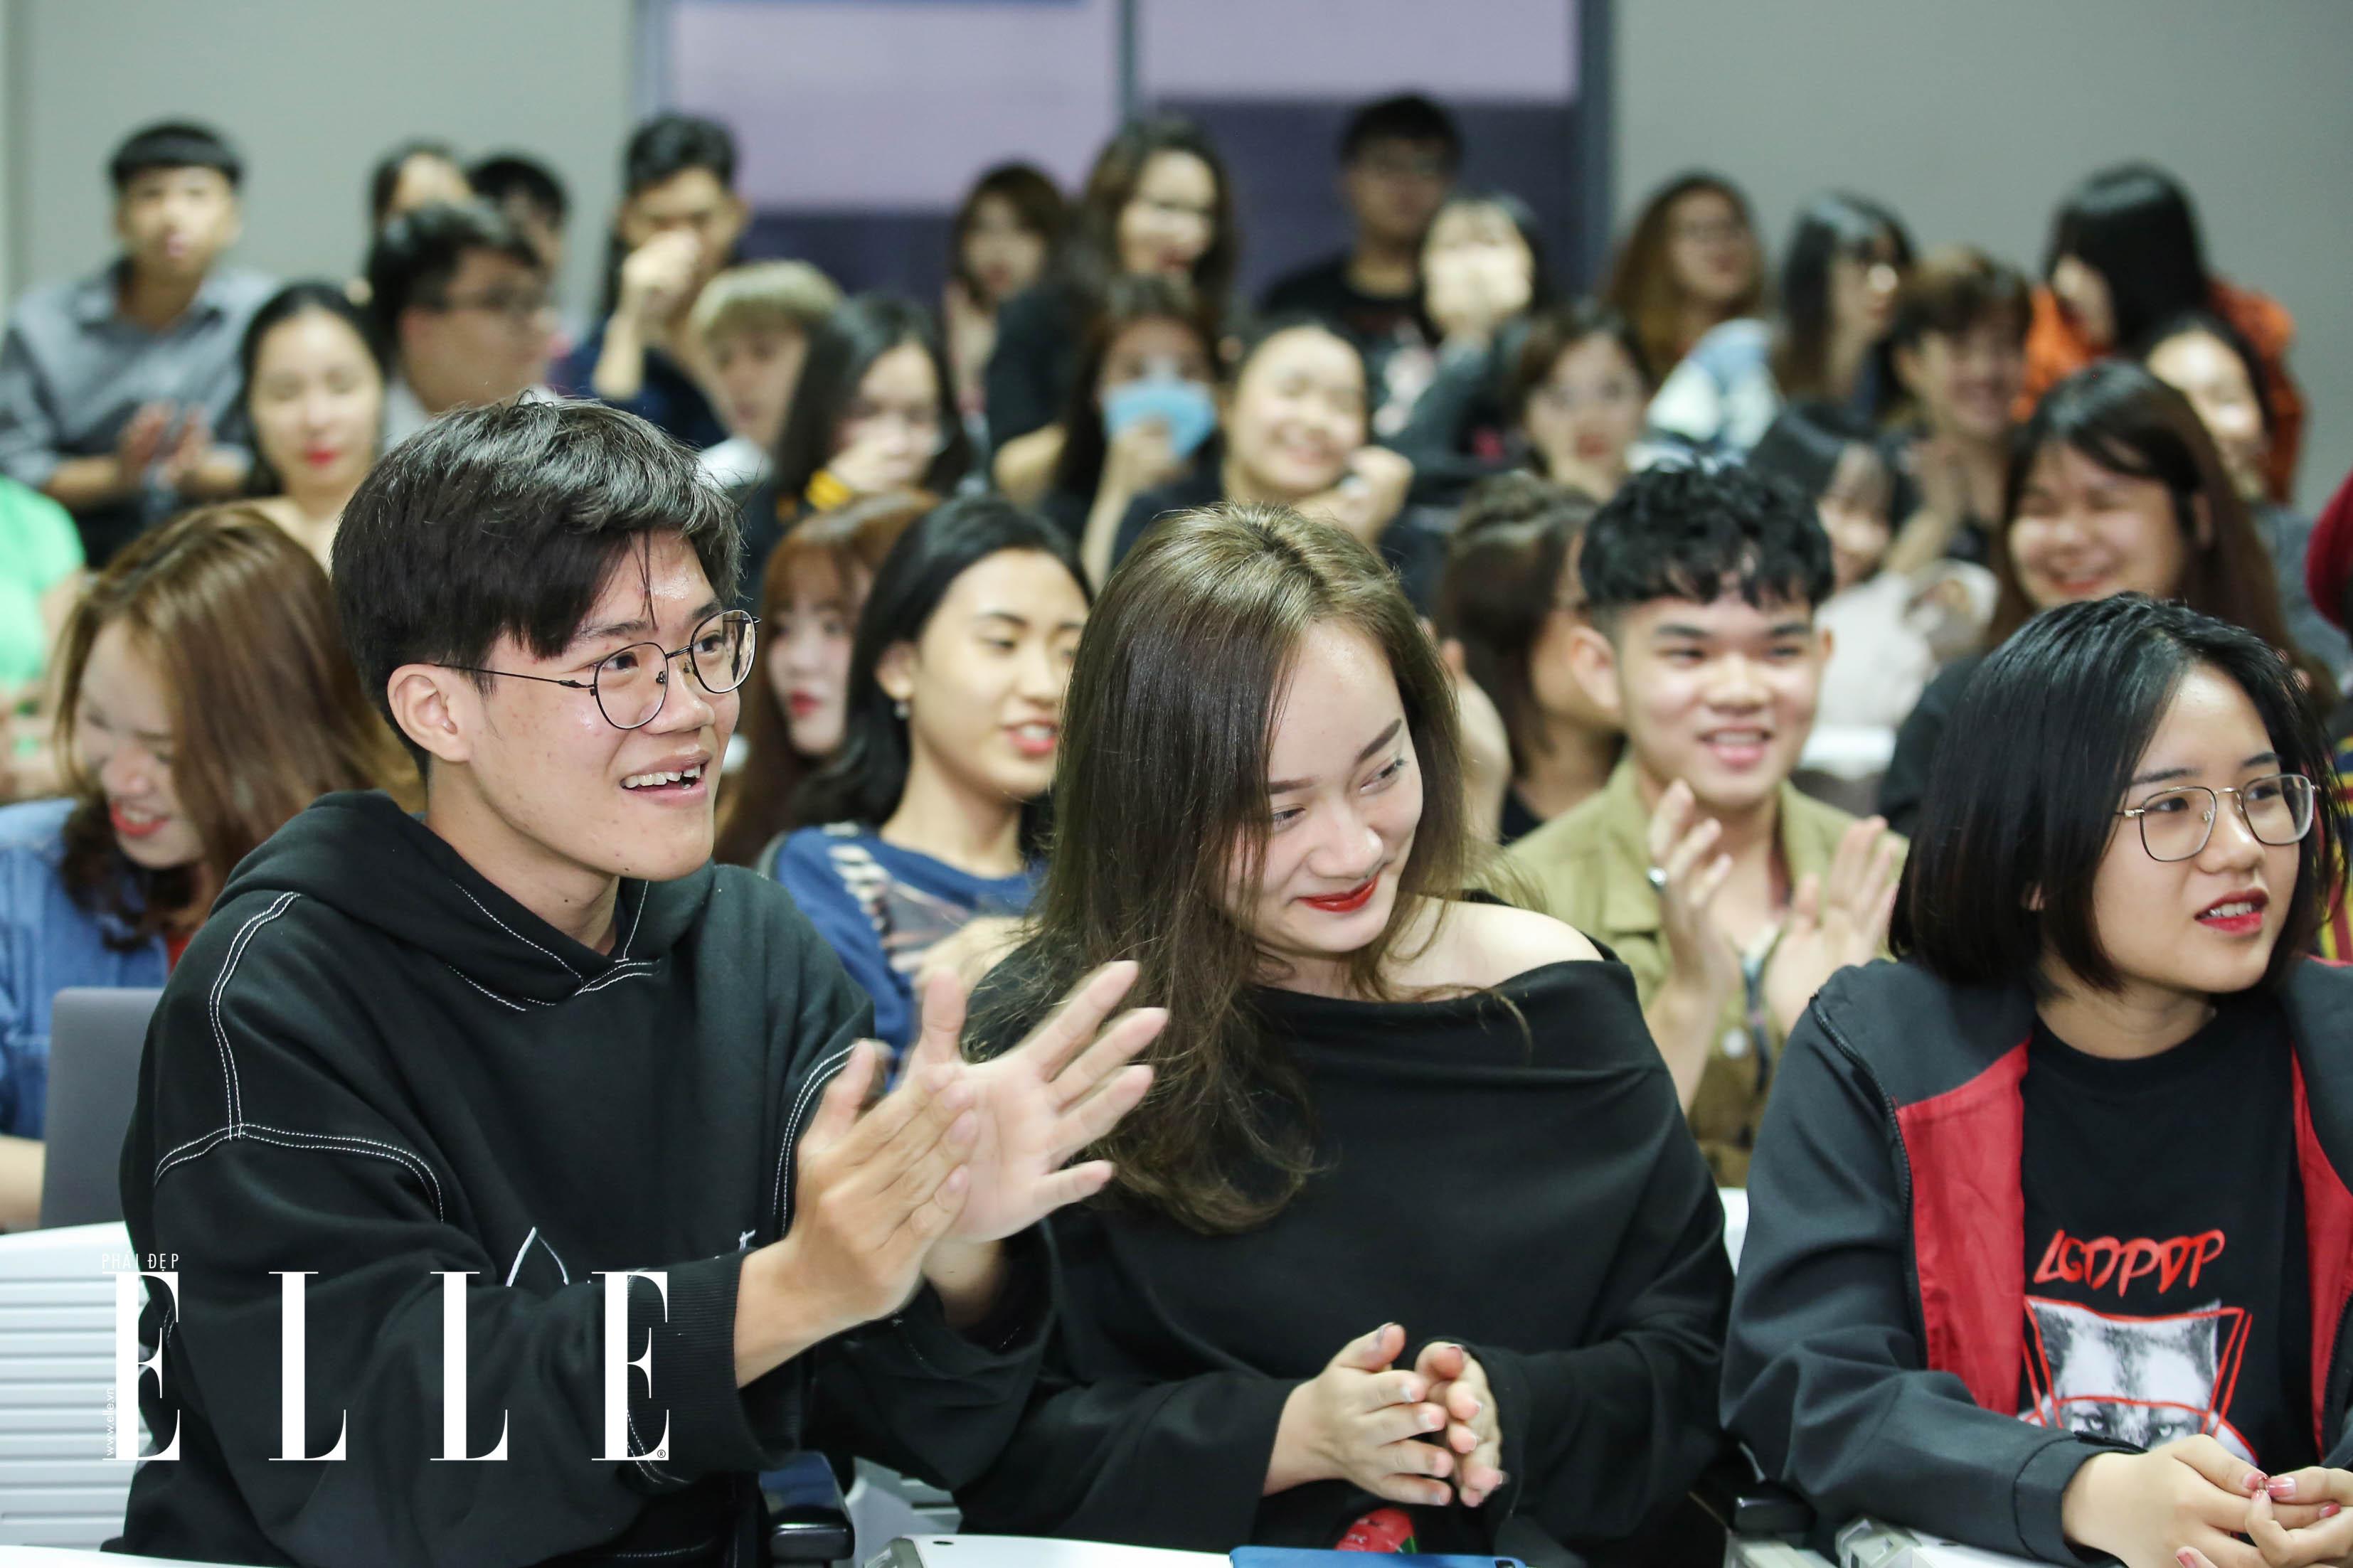 elle fashion road trip 2018 - dai hoc hoa sen - elle man13